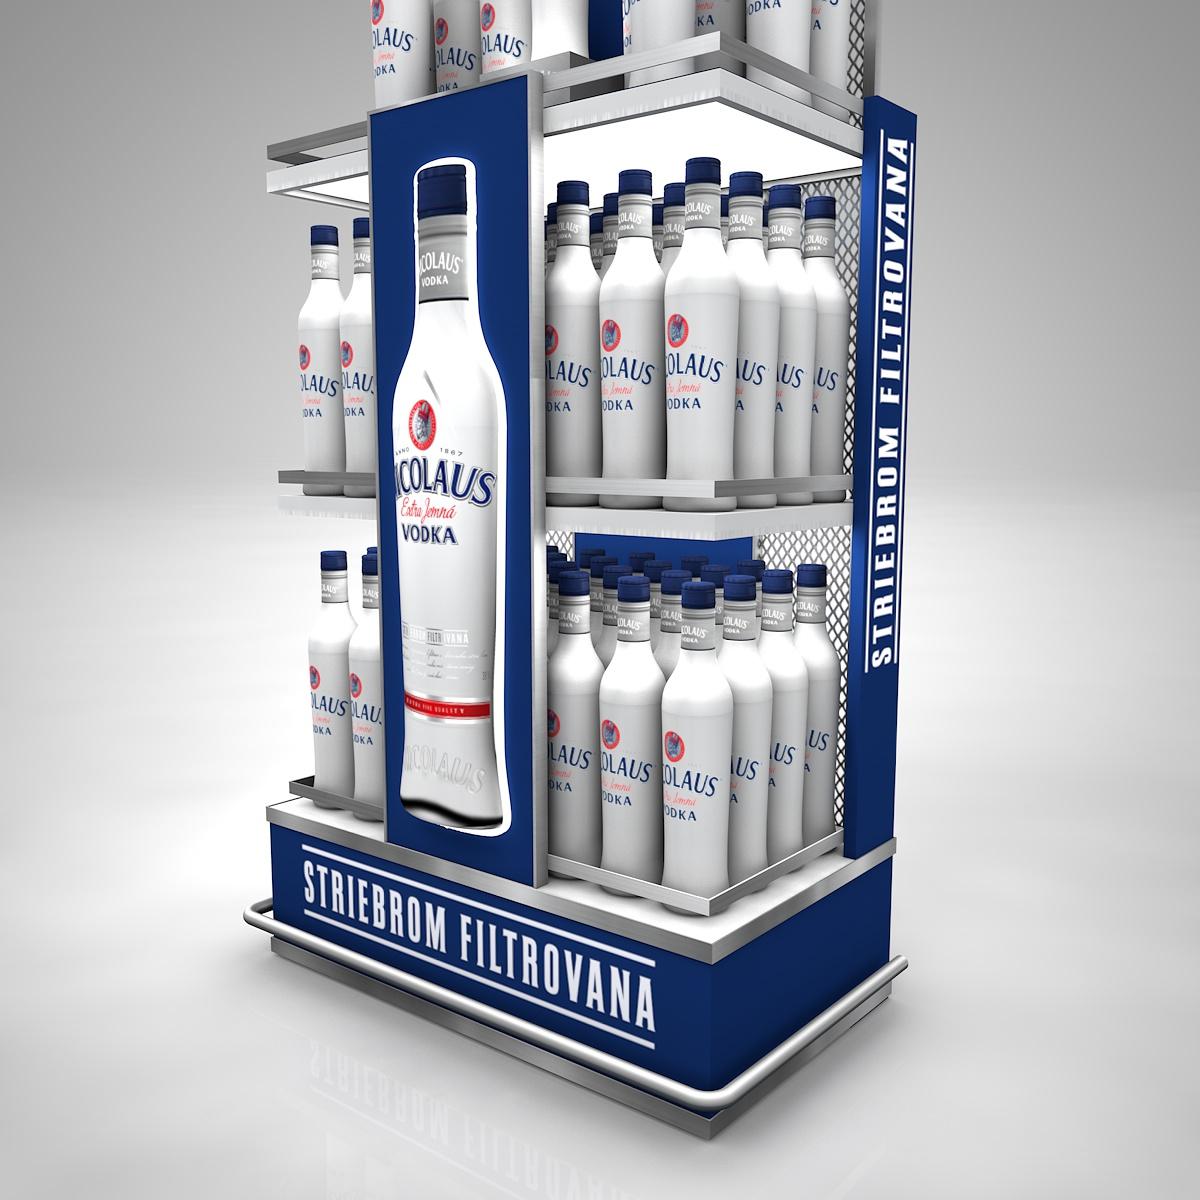 Nicolaus Vodka, regál na striebrom filtrovanú vodku